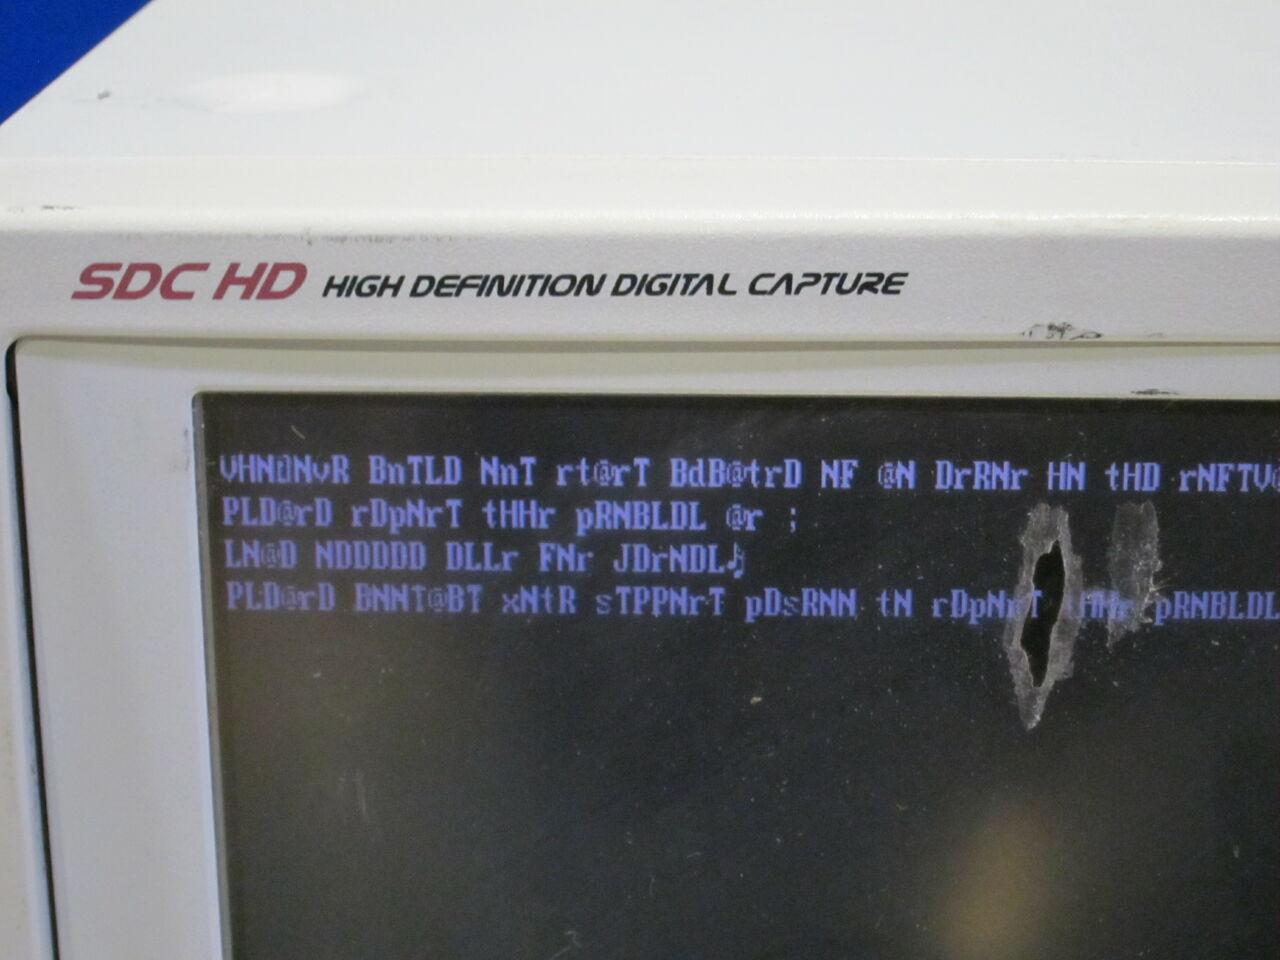 STRYKER 240-050-888 HD Digital Capture Device